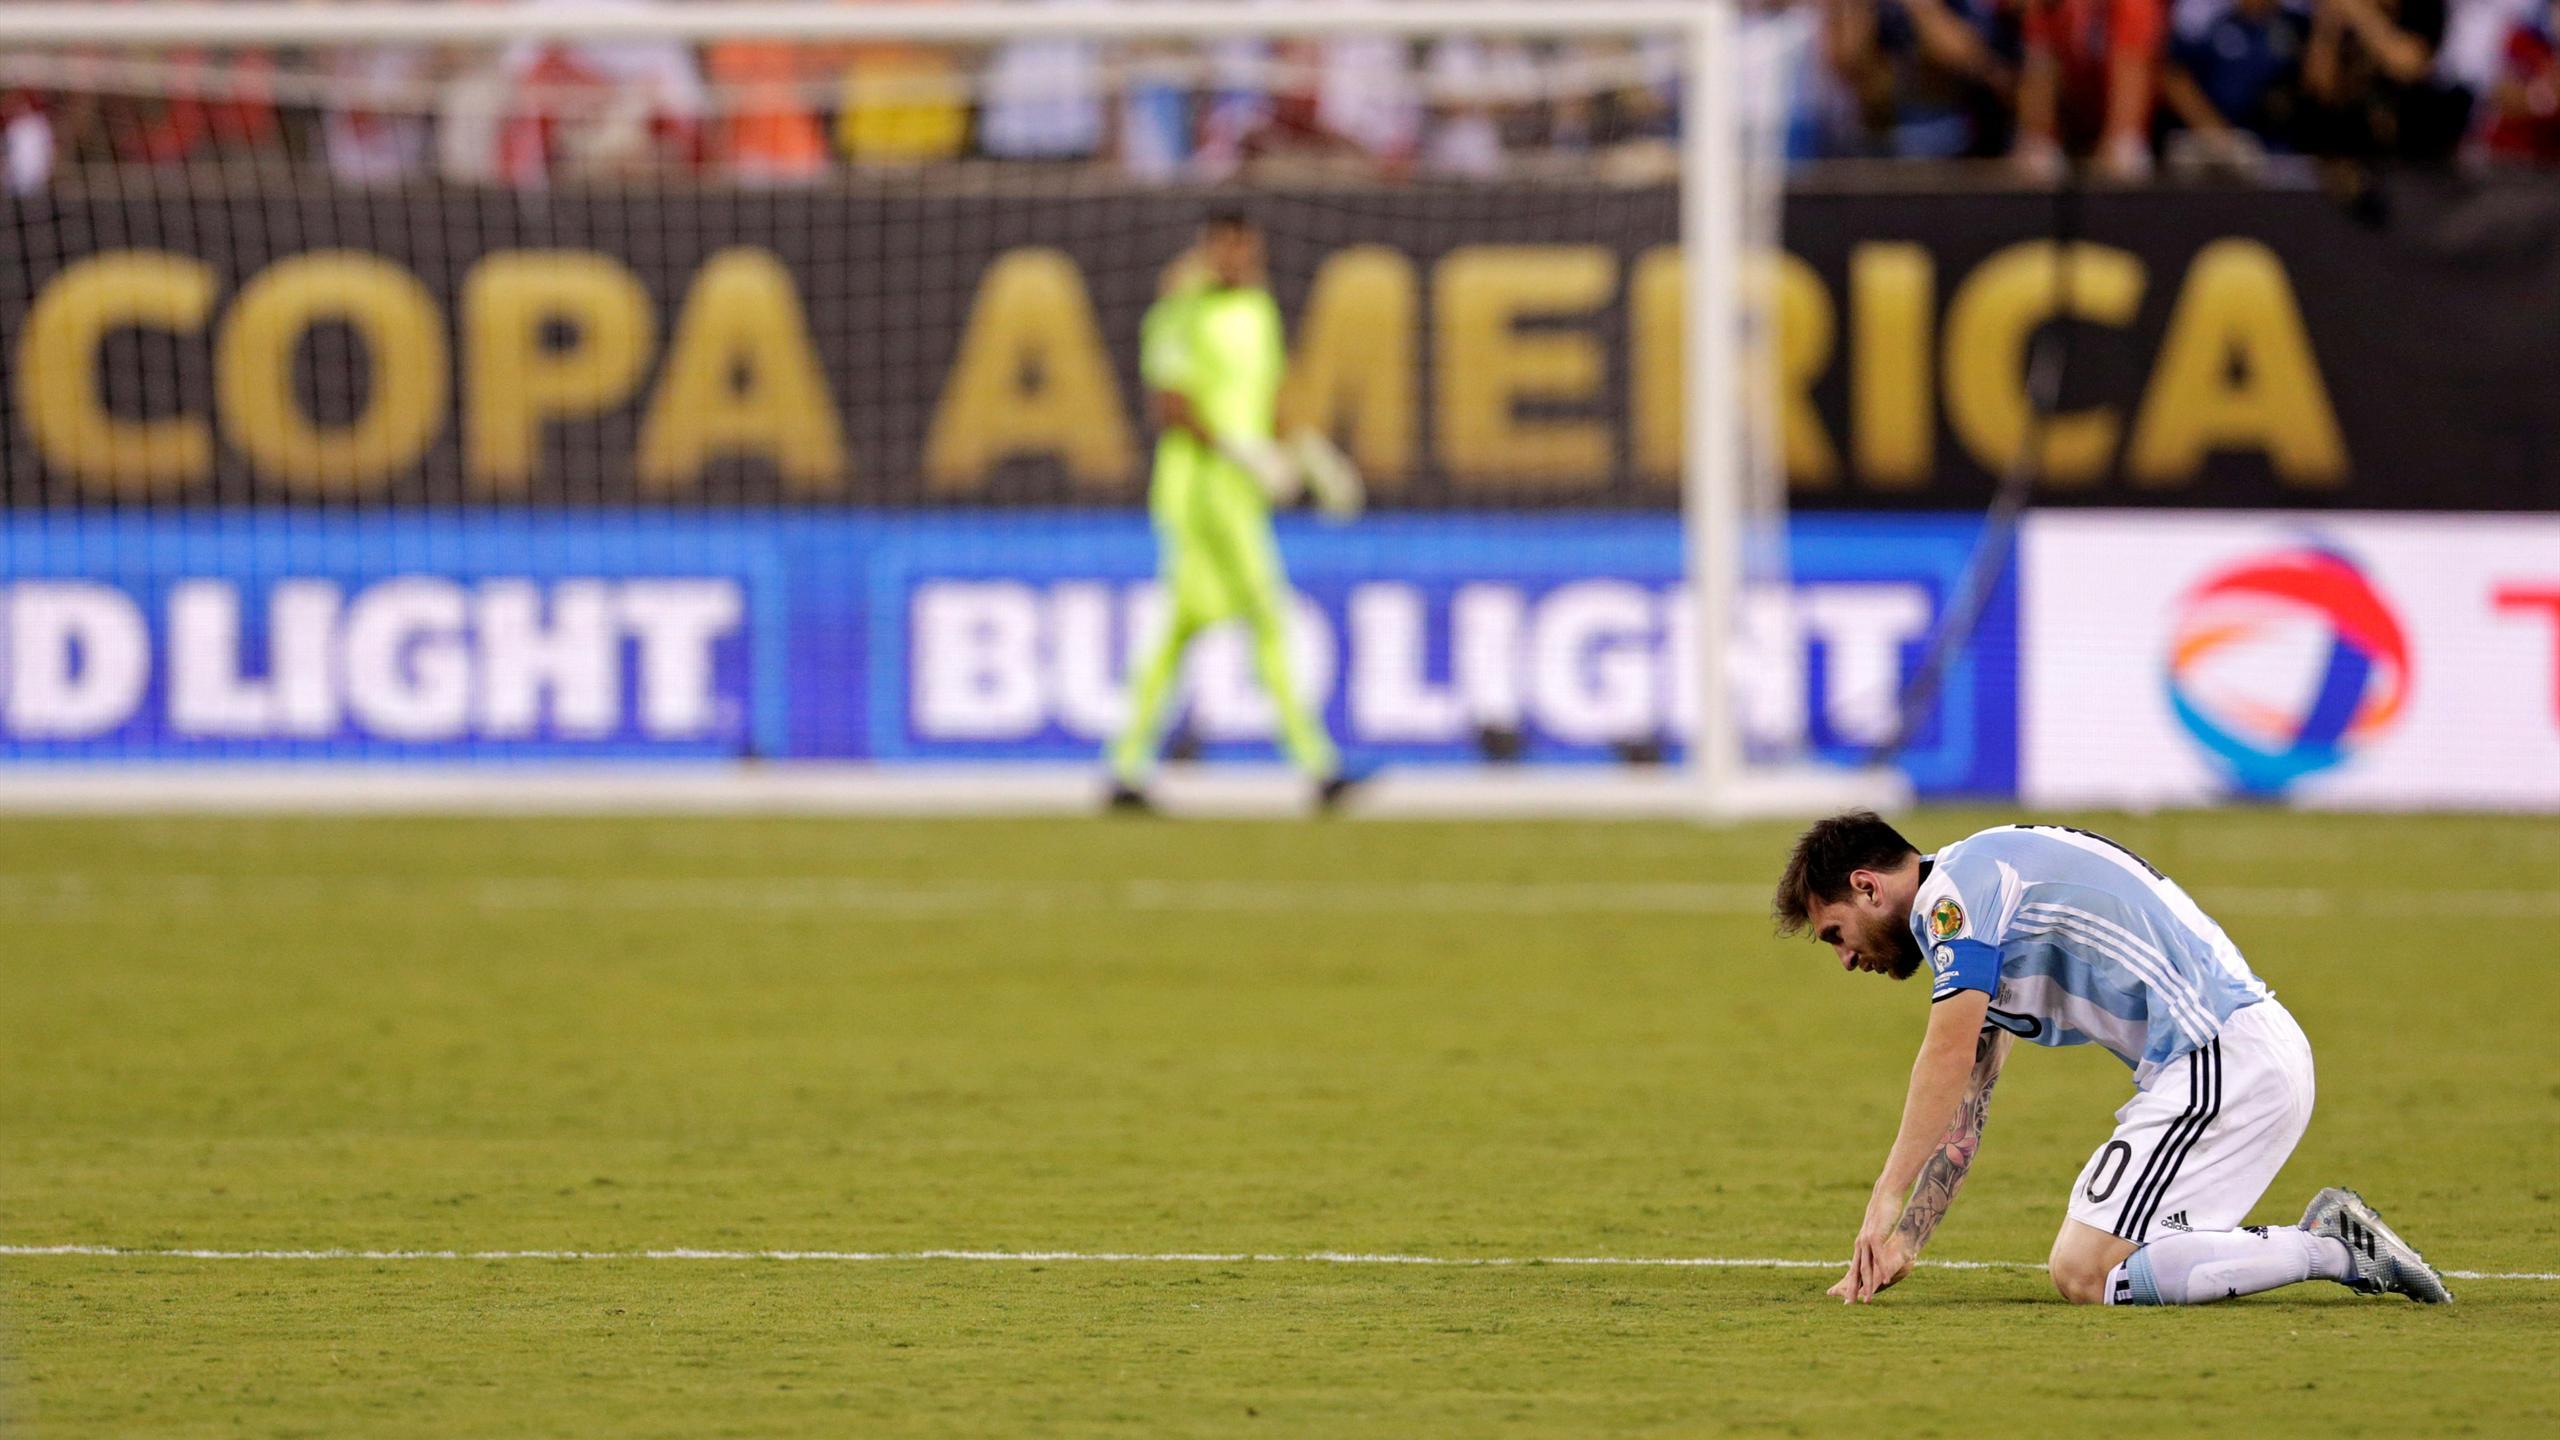 Argentina midfielder Lionel Messi (10) reacts